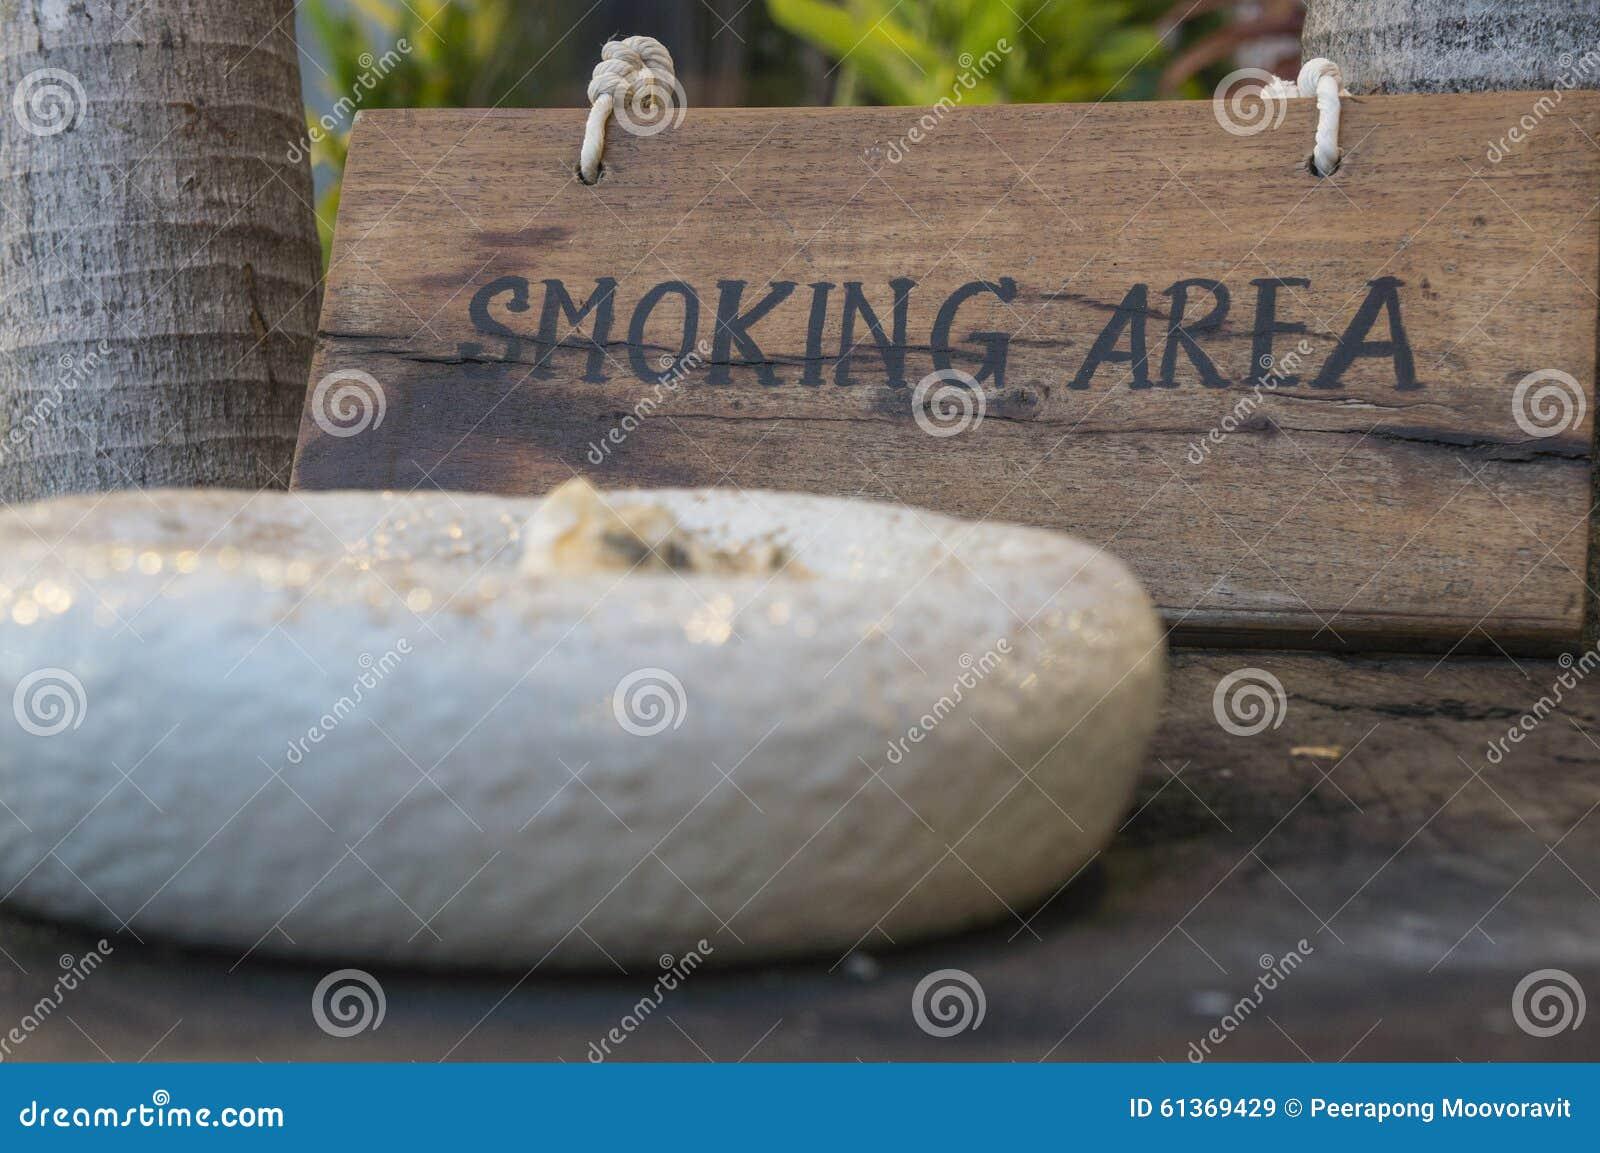 Fumando aqui o conceito de madeira de madeira do público do cigarro do sinal